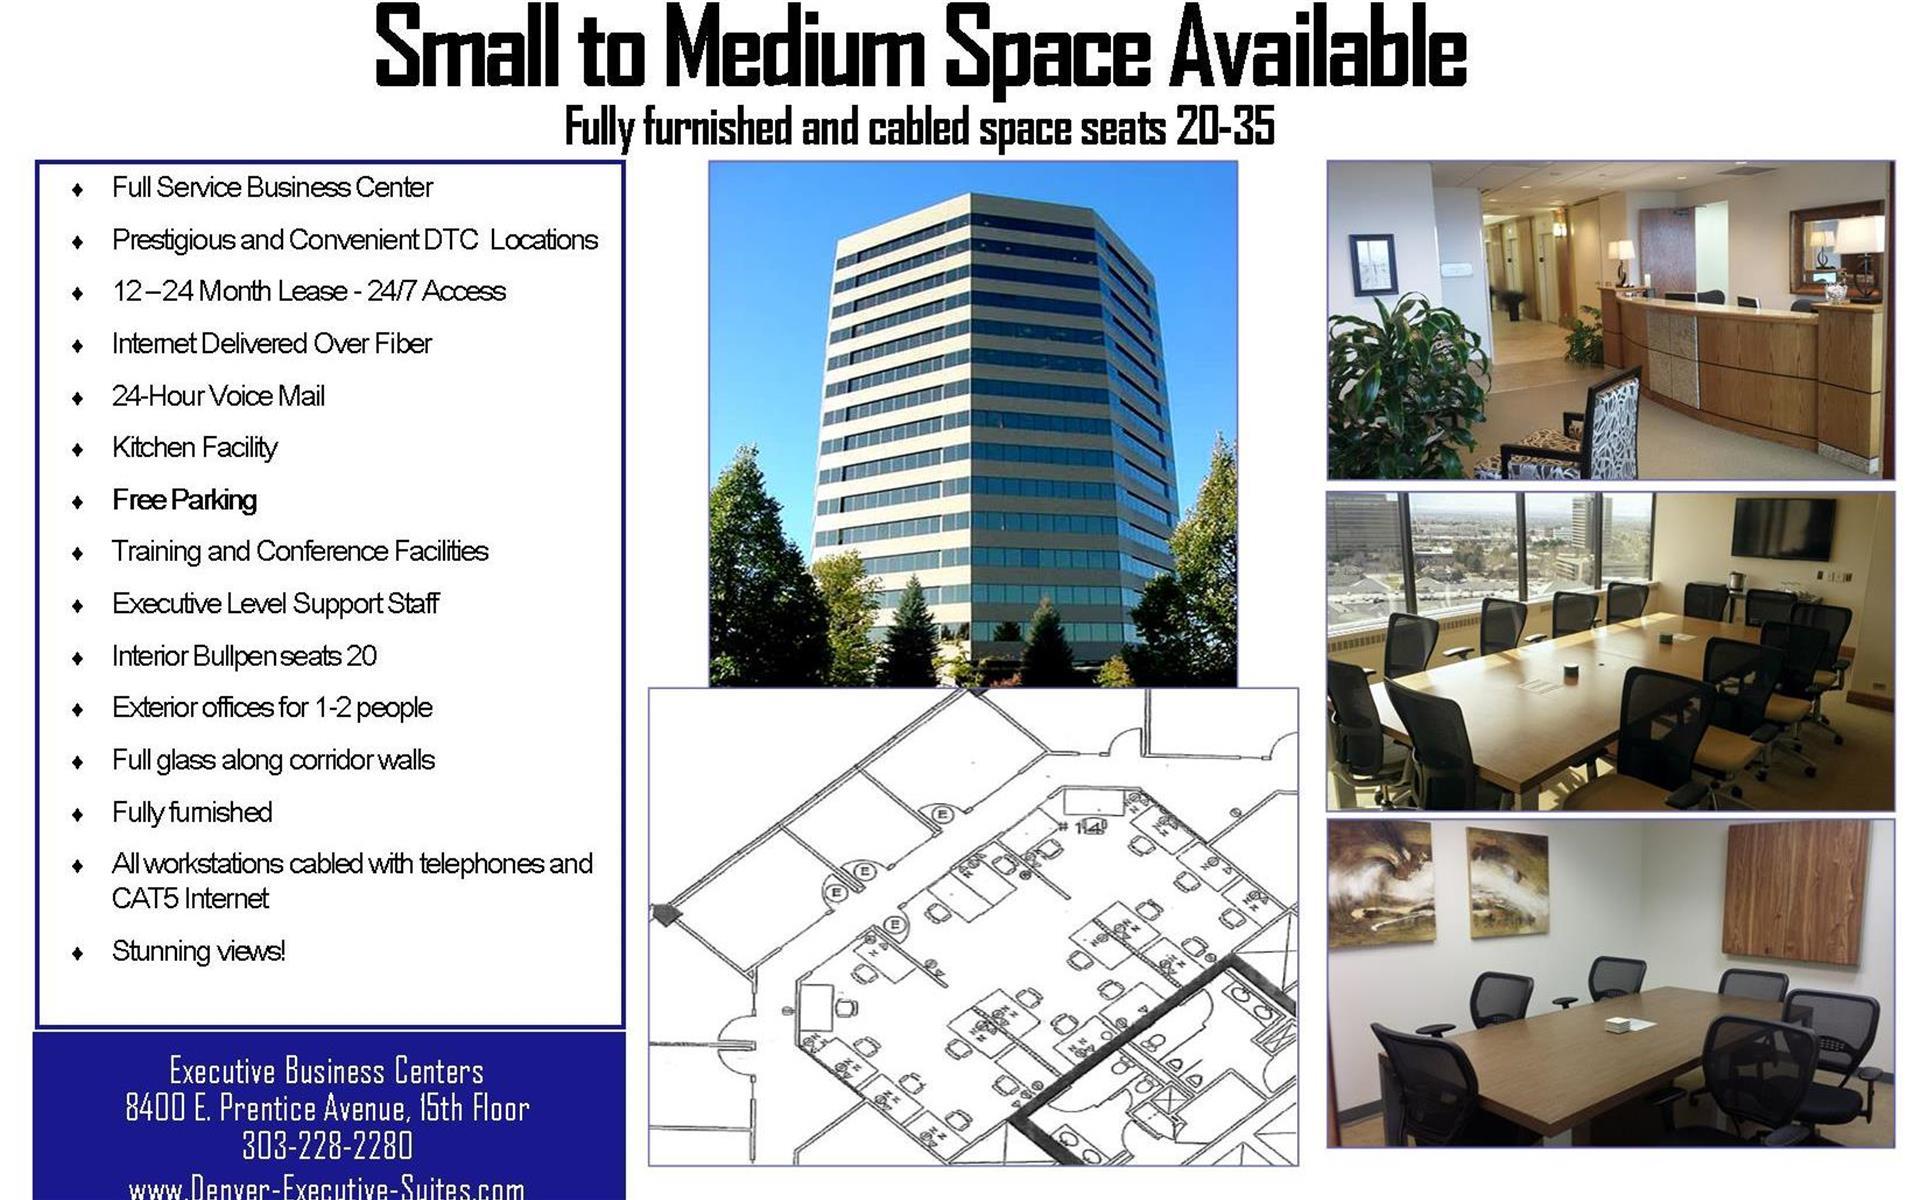 Executive Business Centers Denver Tech Center - Team Space